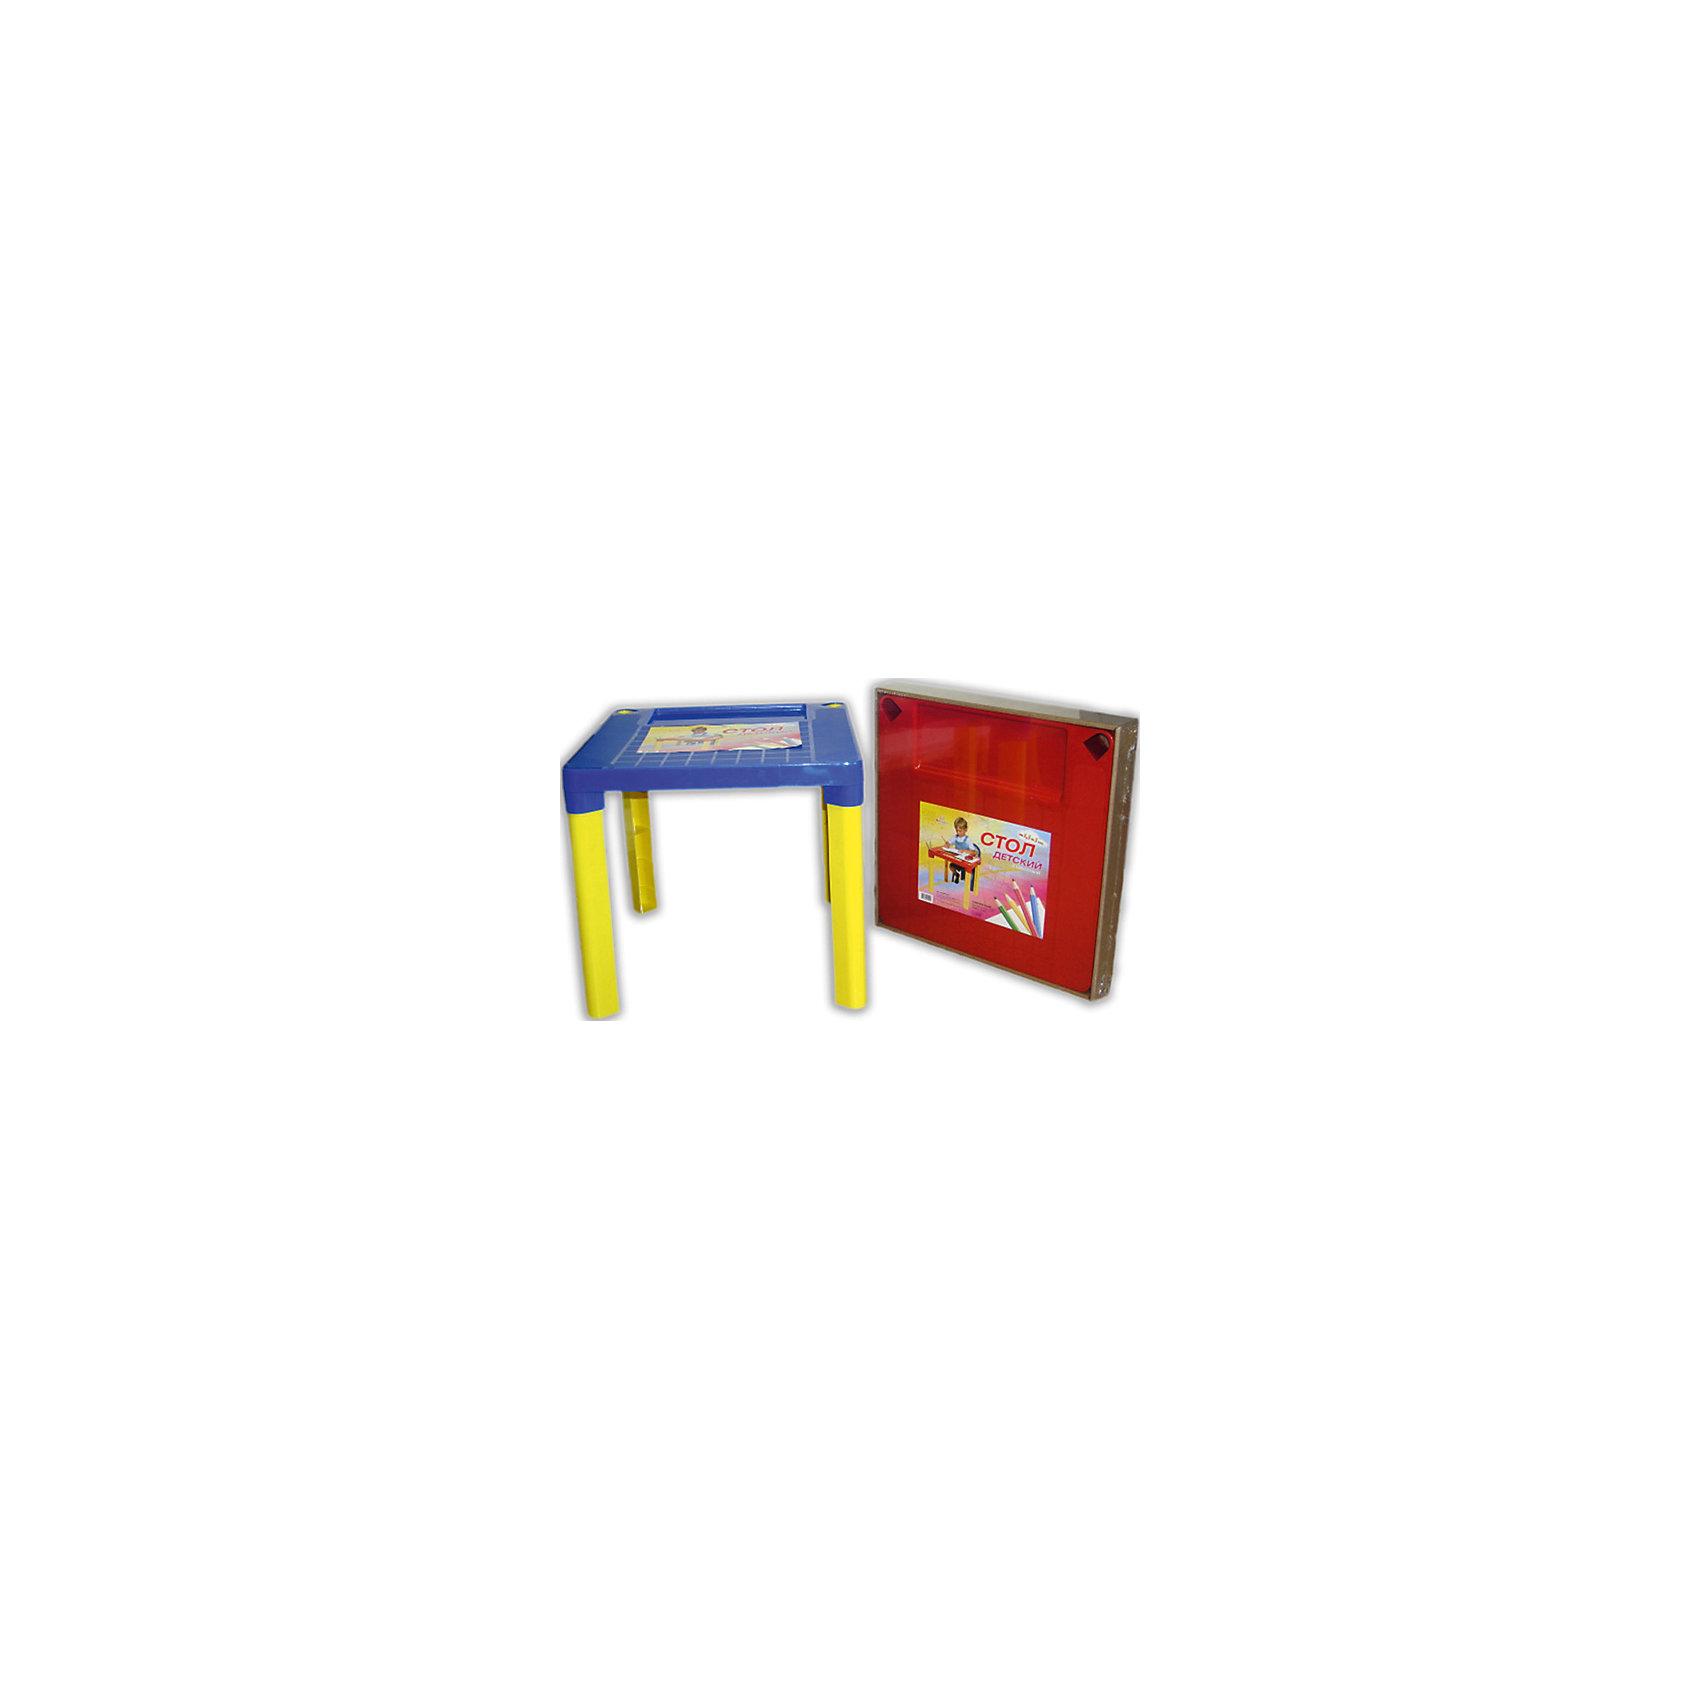 Сине-желтый стол МалышМебель<br>Стол - незаменимая вещь в детской! Малышам понравится иметь свое собственное место для игр, чаепитий с игрушками и друзьями, занятий и даже обеда. Благодаря специальным выемкам, на столе можно расположить карандаши, фломастеры, кисточки и другие мелкие предметы - они не будут мешаться и скатываться. Столик выполнен из высококачественного прочного пластика, легко моется или протирается влажной губкой. Яркий пластиковый стол с изображениями любимых героев прекрасно впишется в интерьер комнаты и обязательно понравится любому ребенку! <br><br>Дополнительная информация:<br><br>- Материал: пластик.<br>- Высота стола: 47 см.<br>- Размер столешницы: 51х51 см.<br>- Удобные выемки для мелких предметов. <br><br>Детский стол Малыш, сине-желтый, можно купить в нашем магазине.<br><br>Ширина мм: 510<br>Глубина мм: 510<br>Высота мм: 475<br>Вес г: 1000<br>Возраст от месяцев: 36<br>Возраст до месяцев: 108<br>Пол: Унисекс<br>Возраст: Детский<br>SKU: 4718424